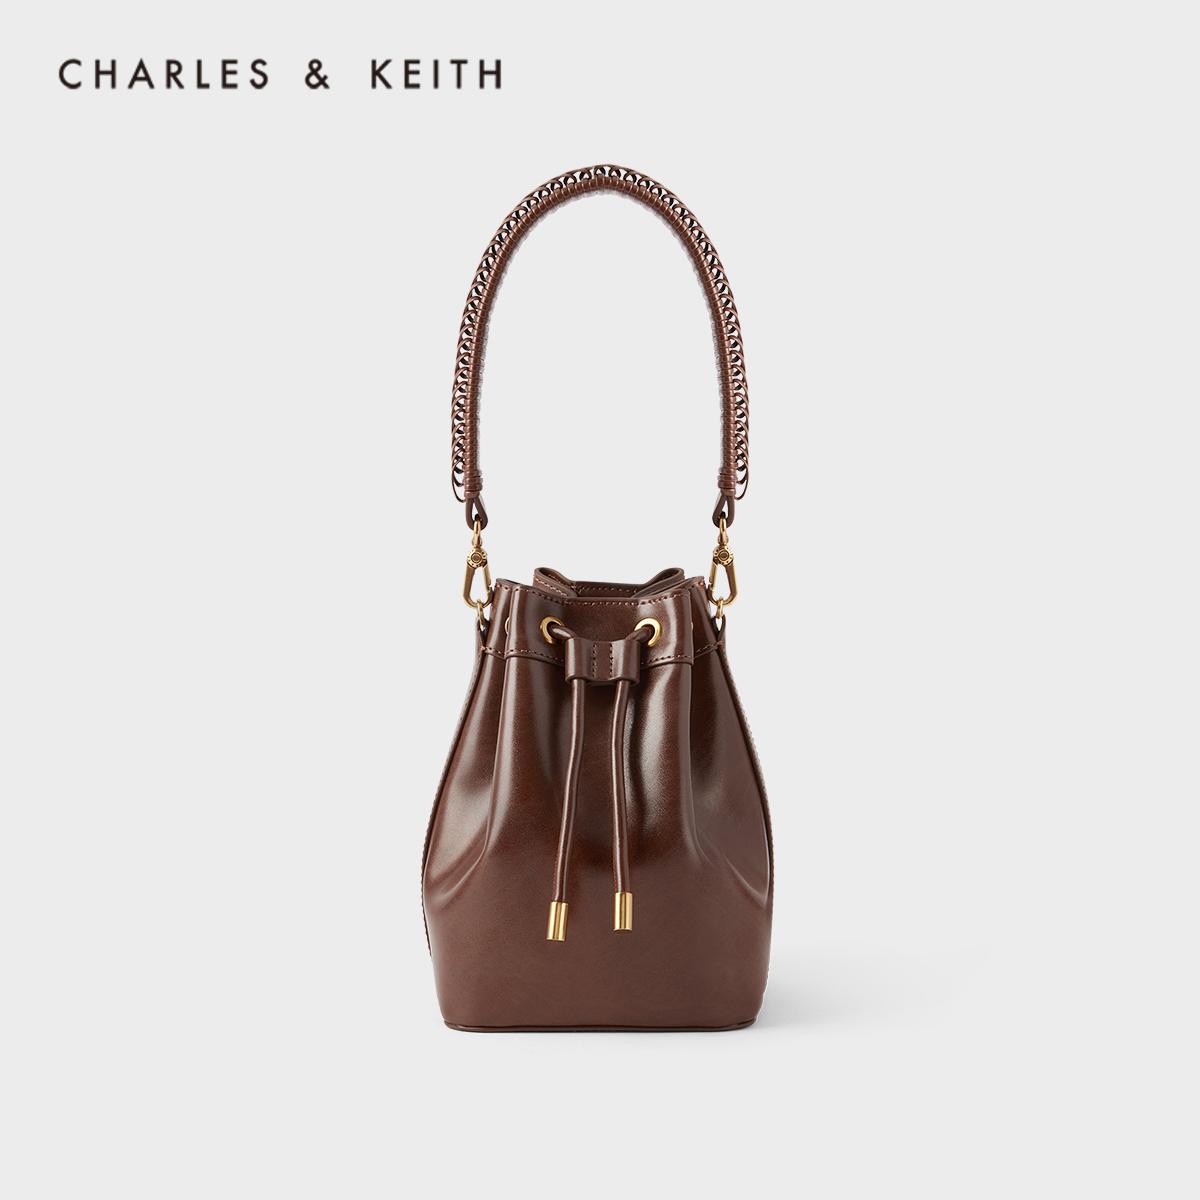 女士编织手提单肩水桶包 10840319 CK2 春季新品 KEITH2021 & CHARLES